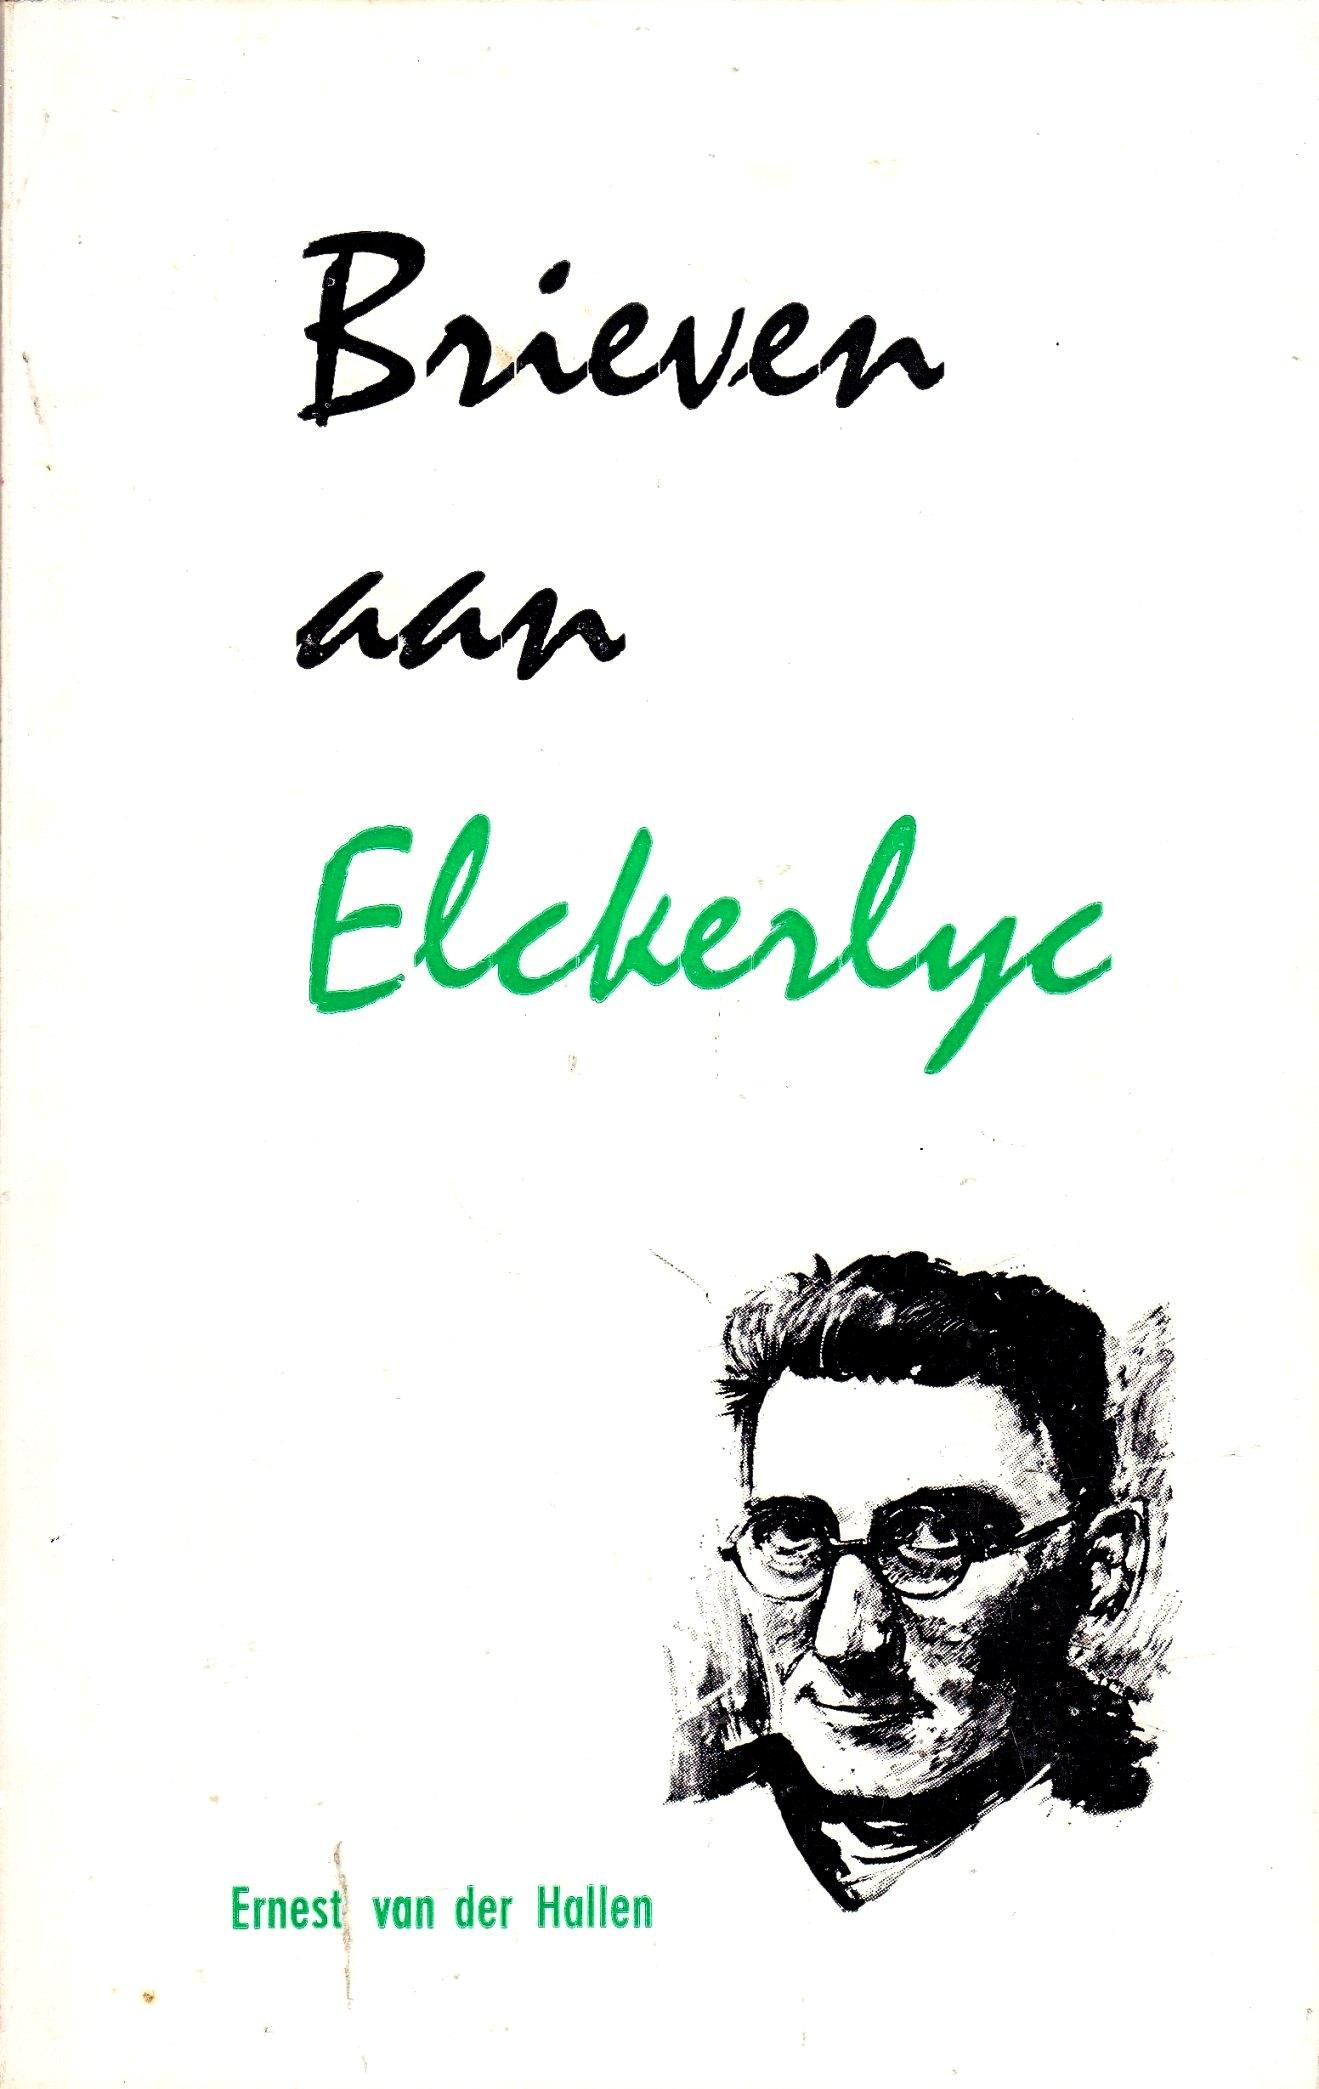 Frank koppens thesis